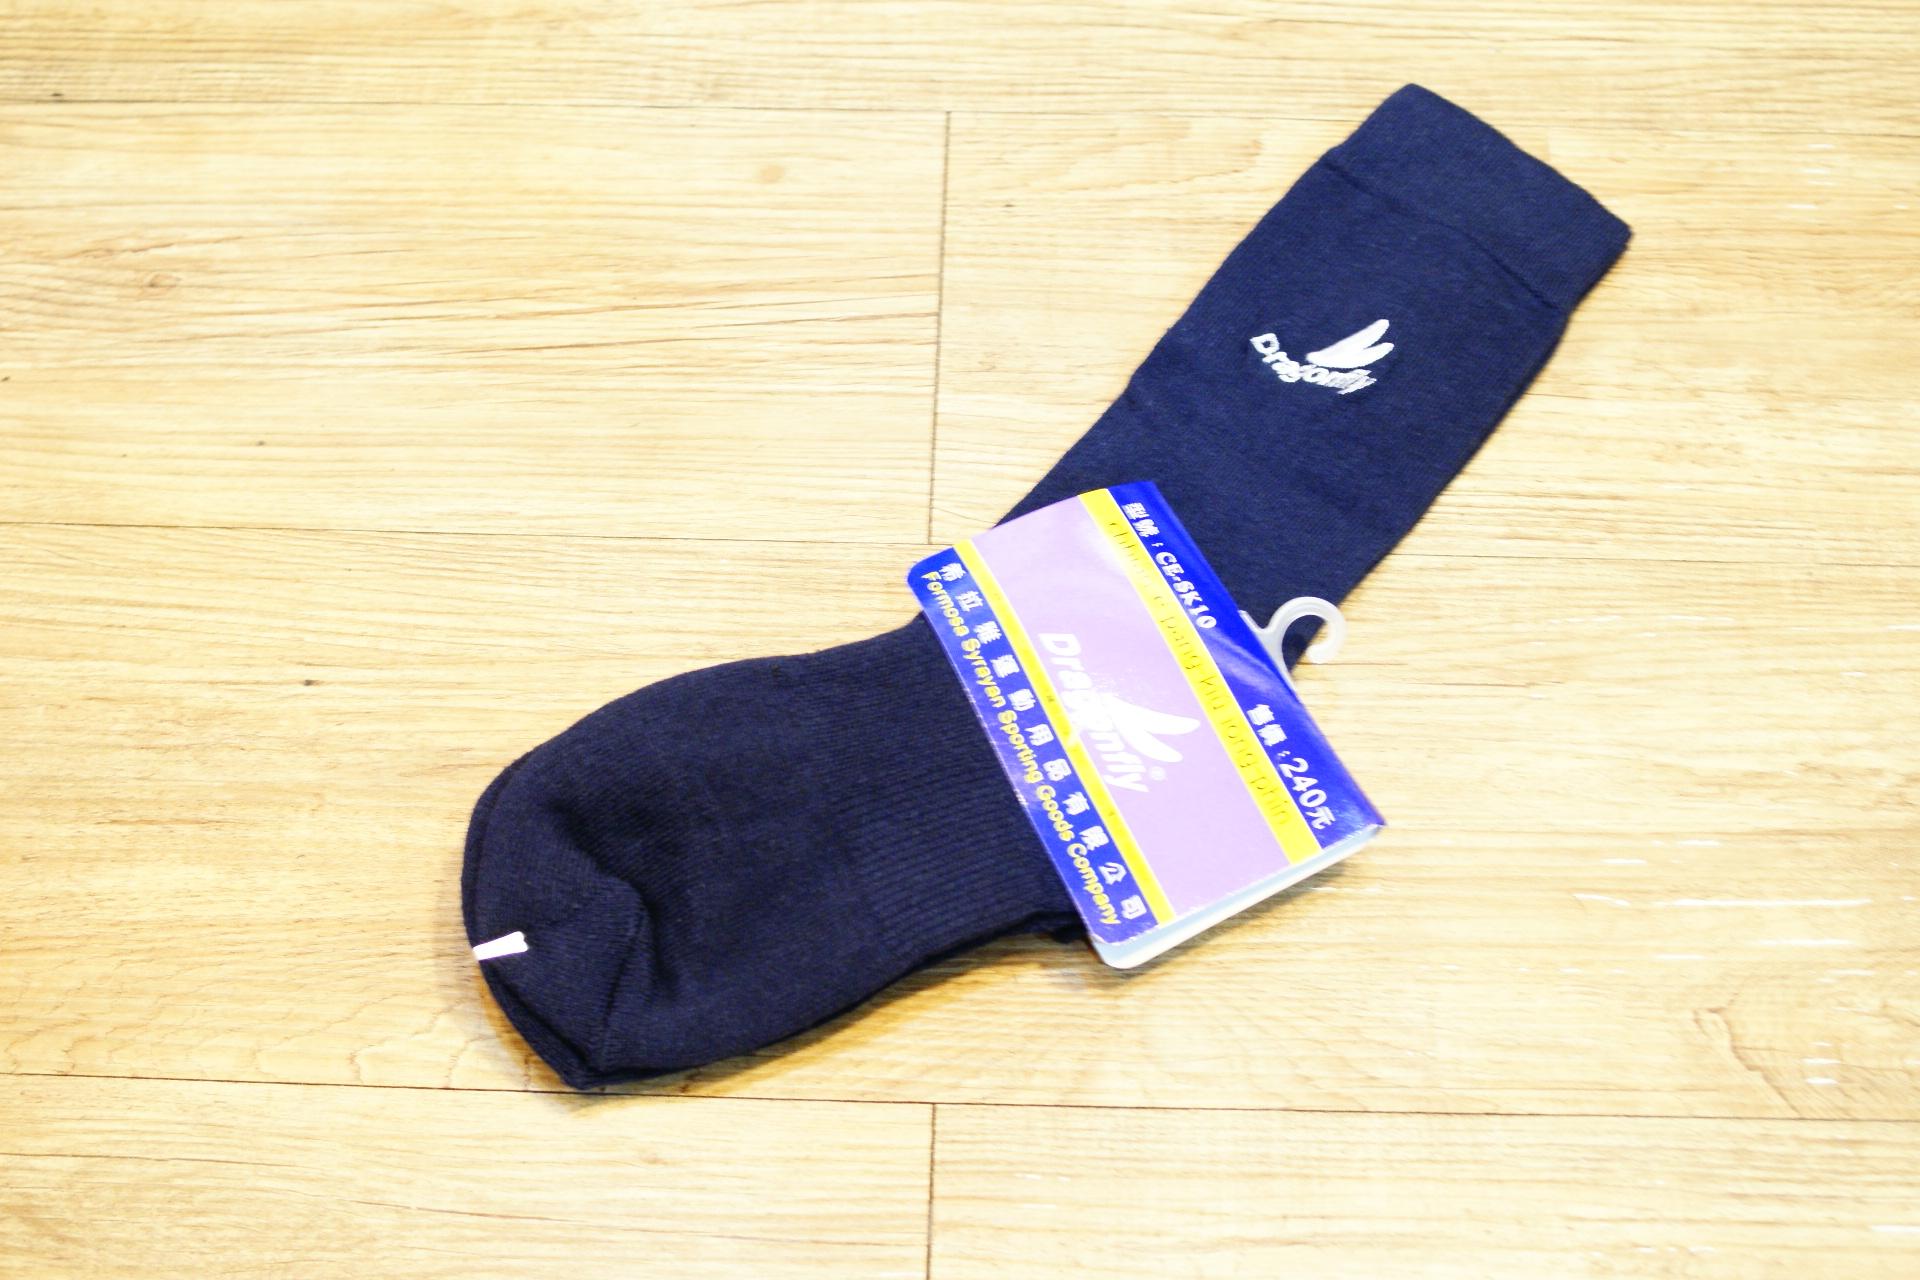 棒球世界 全新Dragonfly藍蜻蜓少年用球襪 特價 丈青色